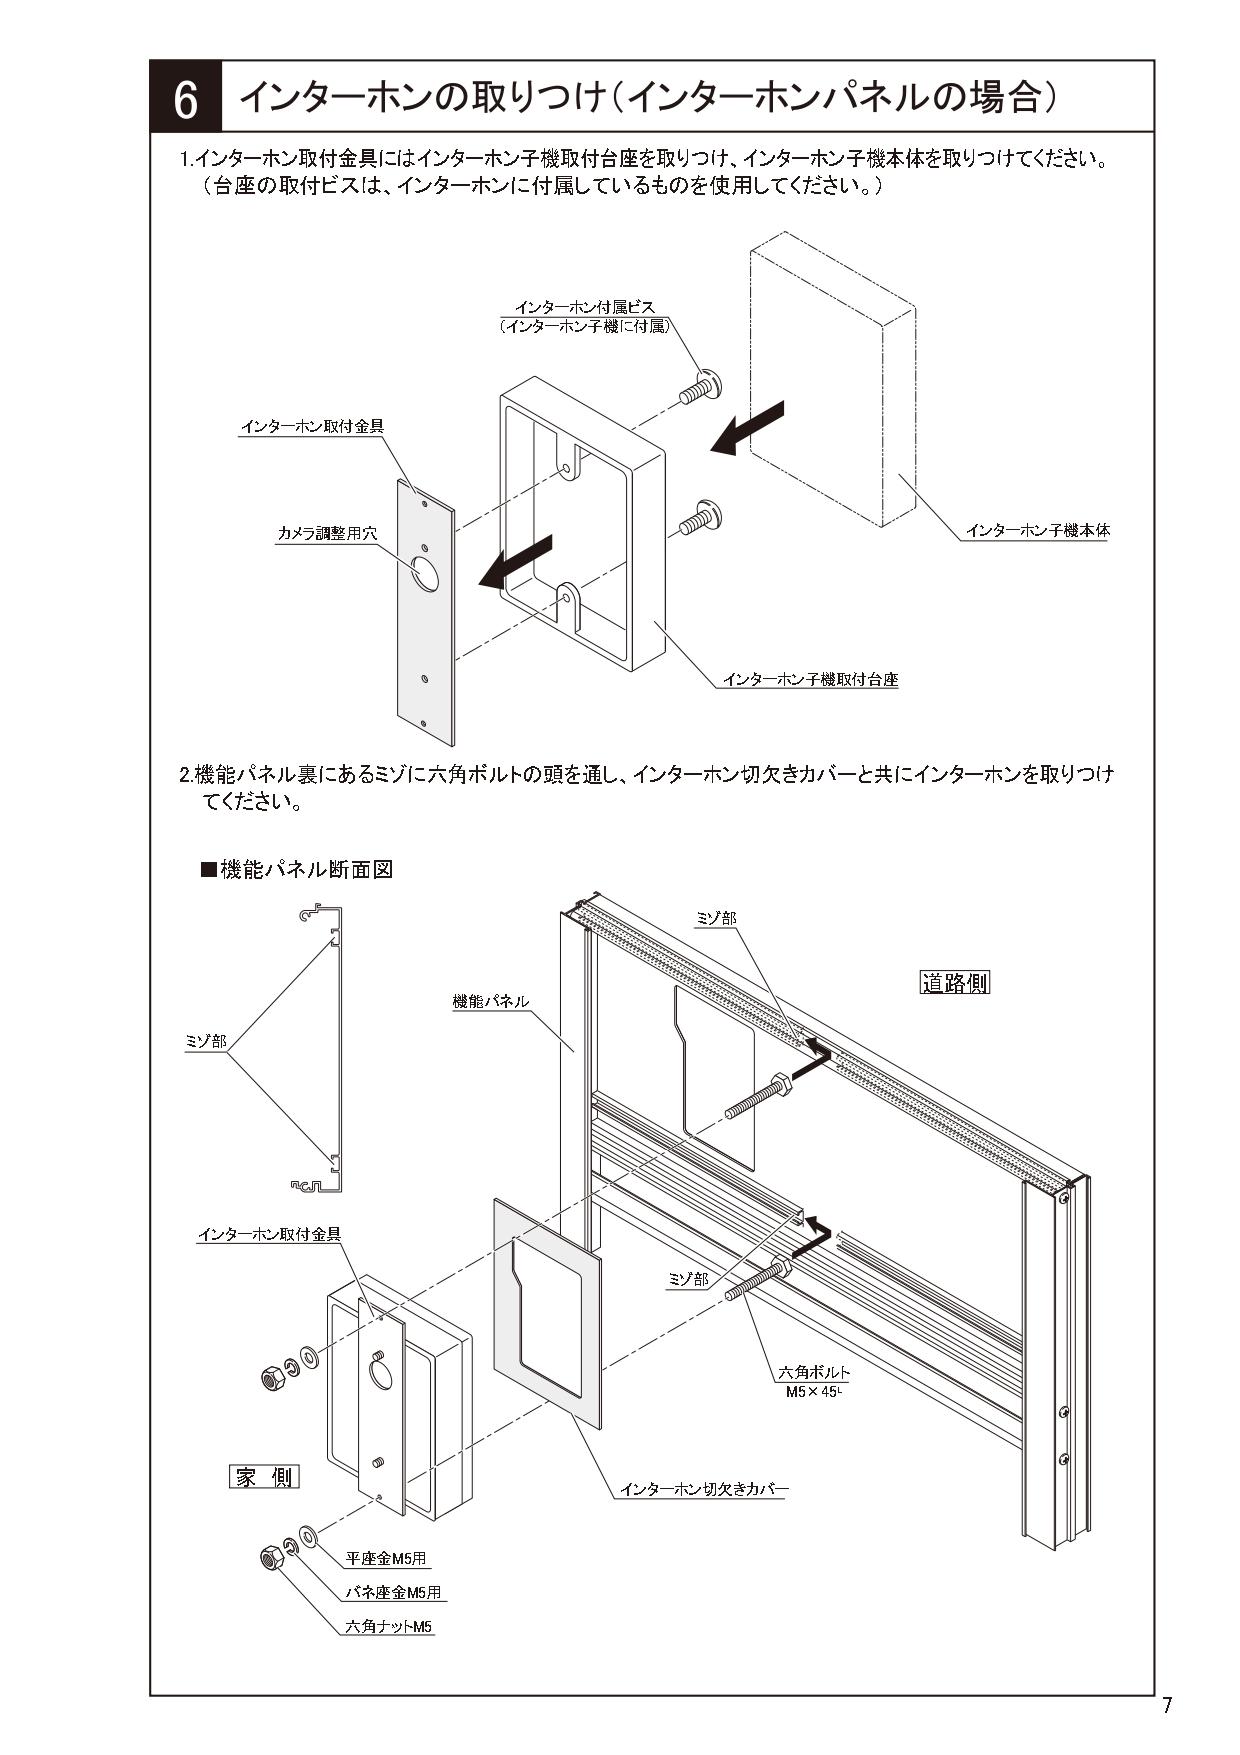 ソネット門柱1型 施工説明書_page-0007